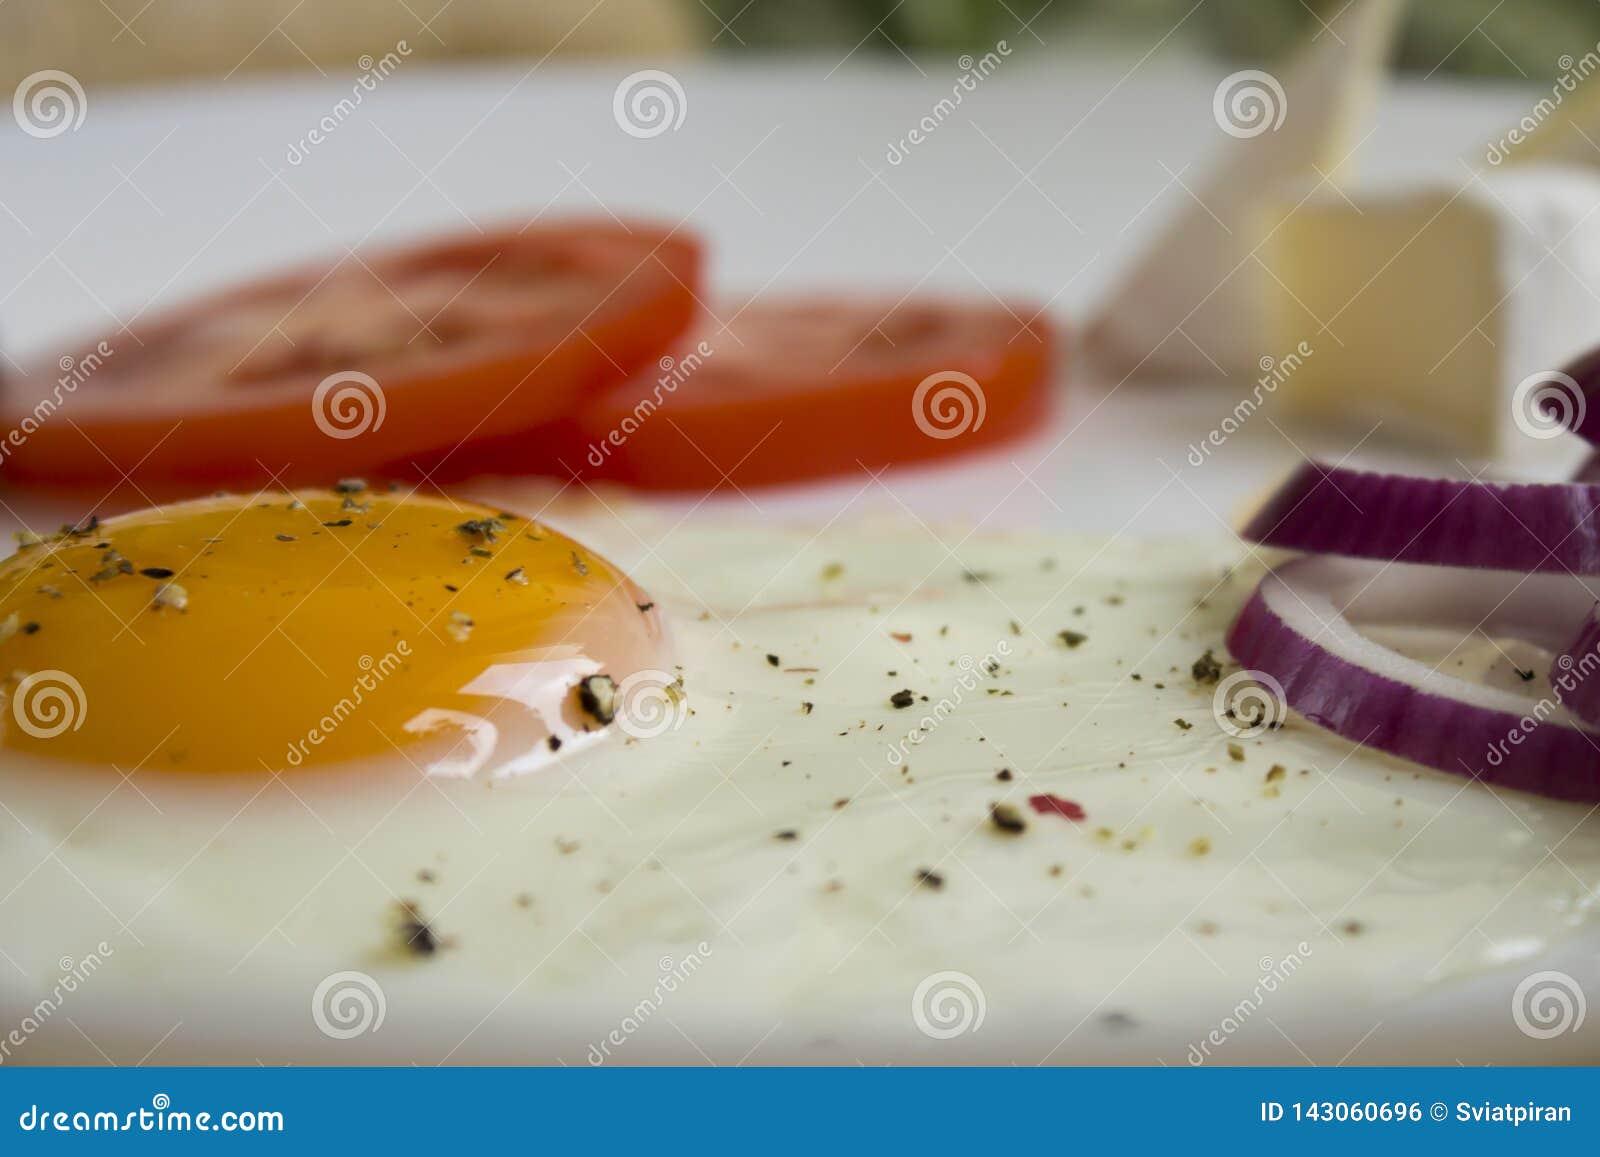 Яйца с томатом и красным луком